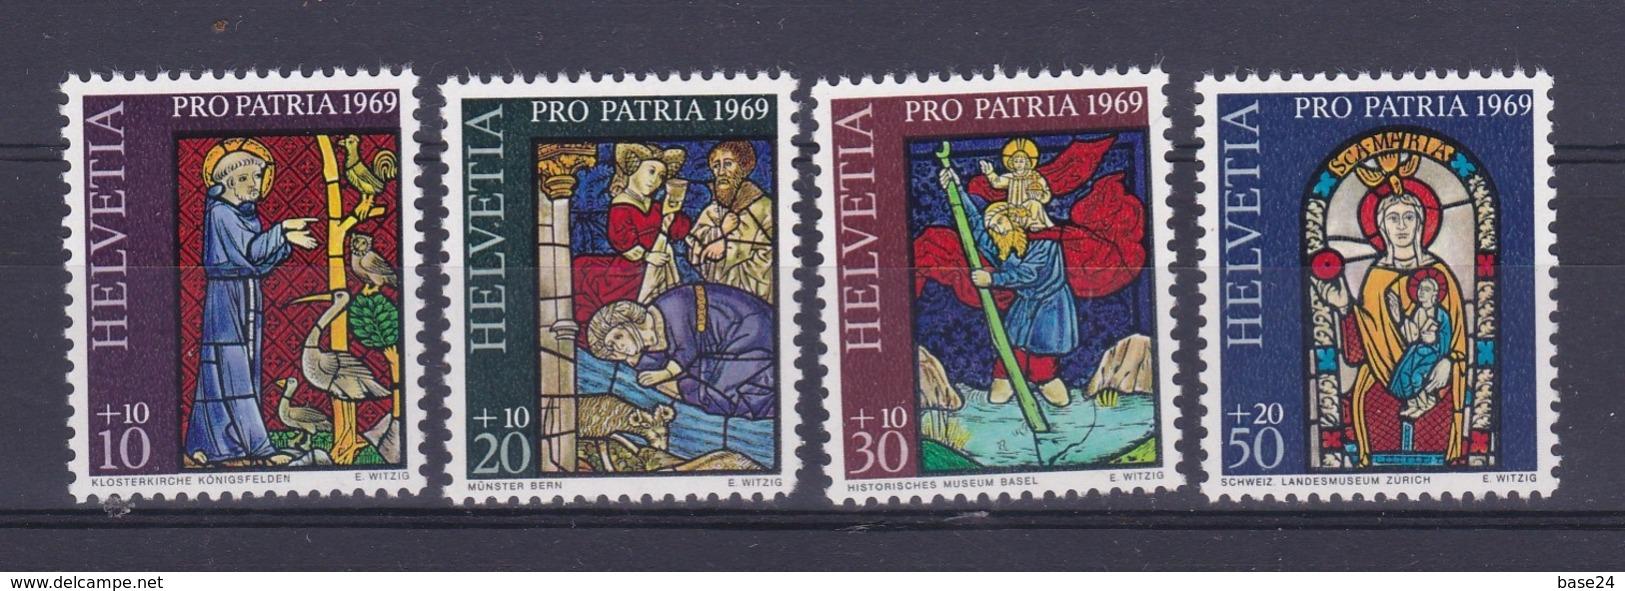 1969 Svizzera Switzerland HELVETIA PRO PATRIA Serie Di 4v. MNH** Vetrate - Nuovi